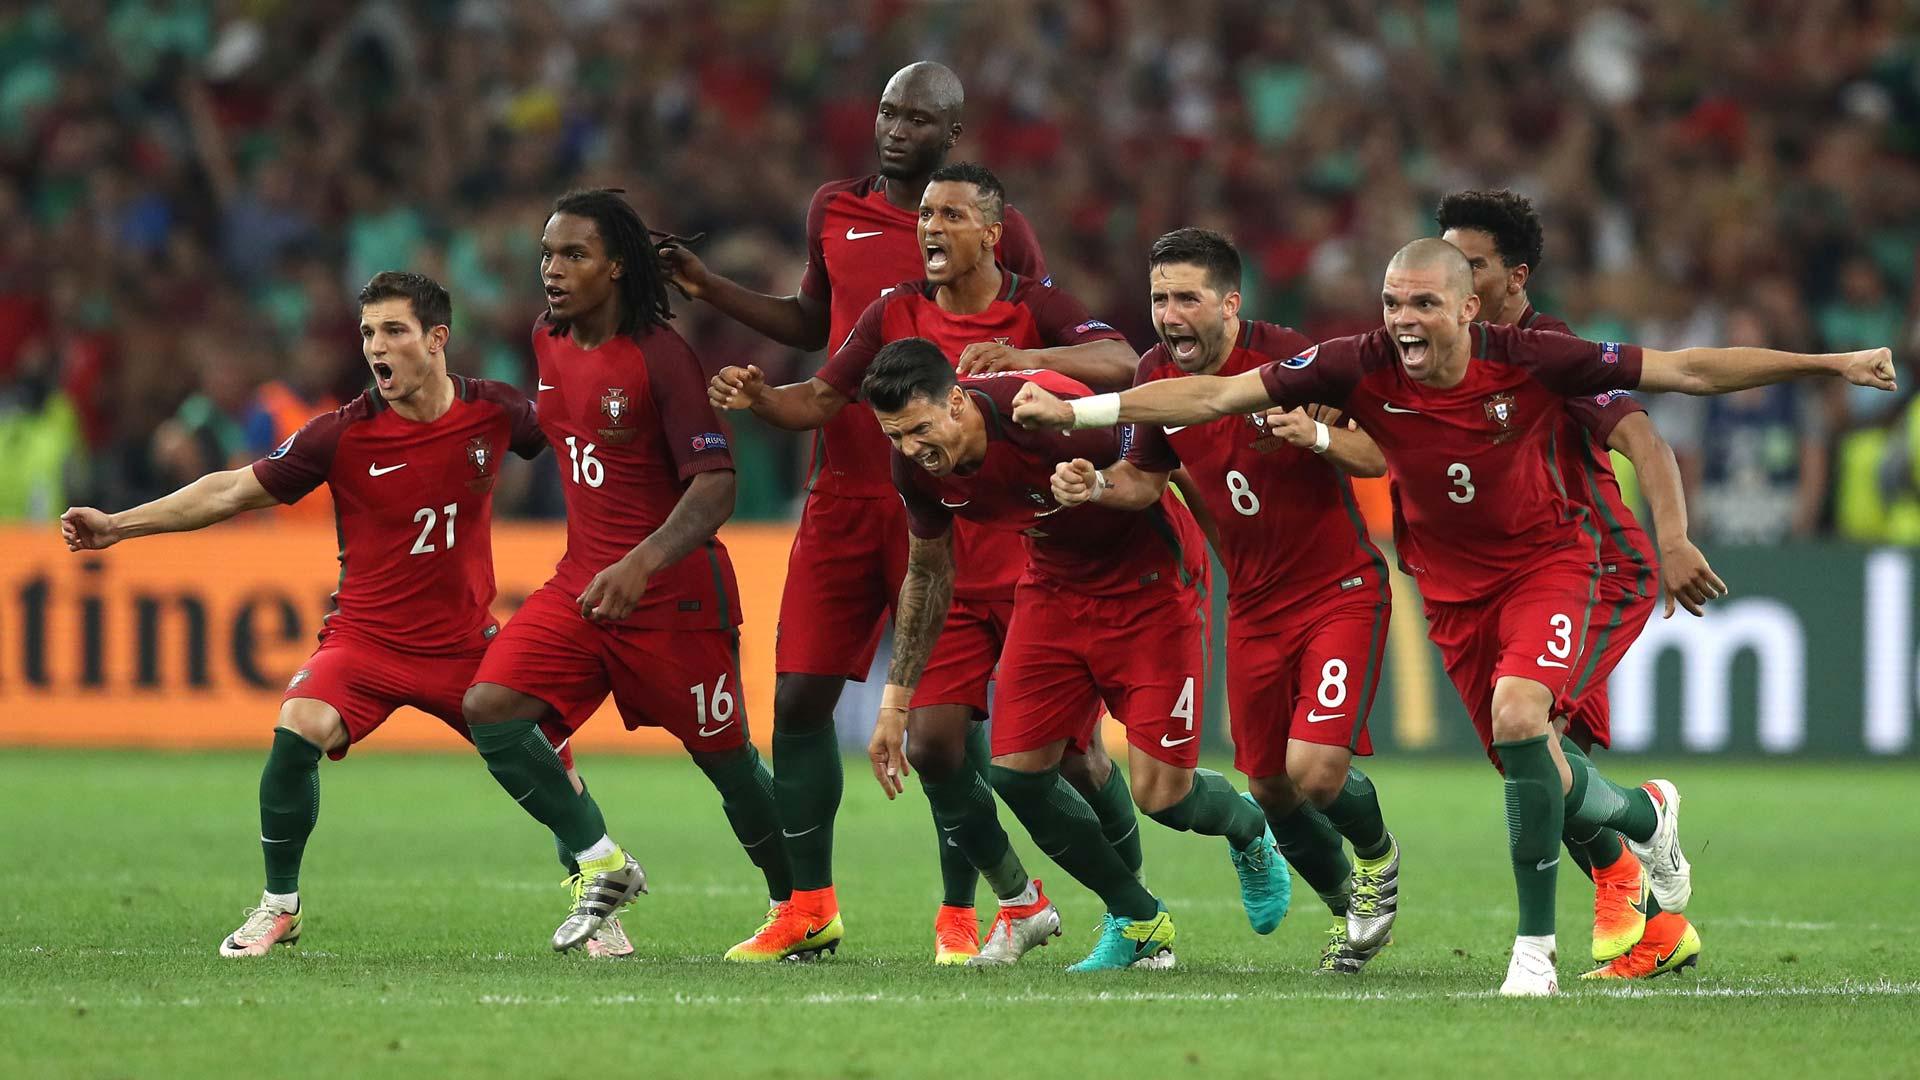 EM 2016: Das portugiesische Team feiert.